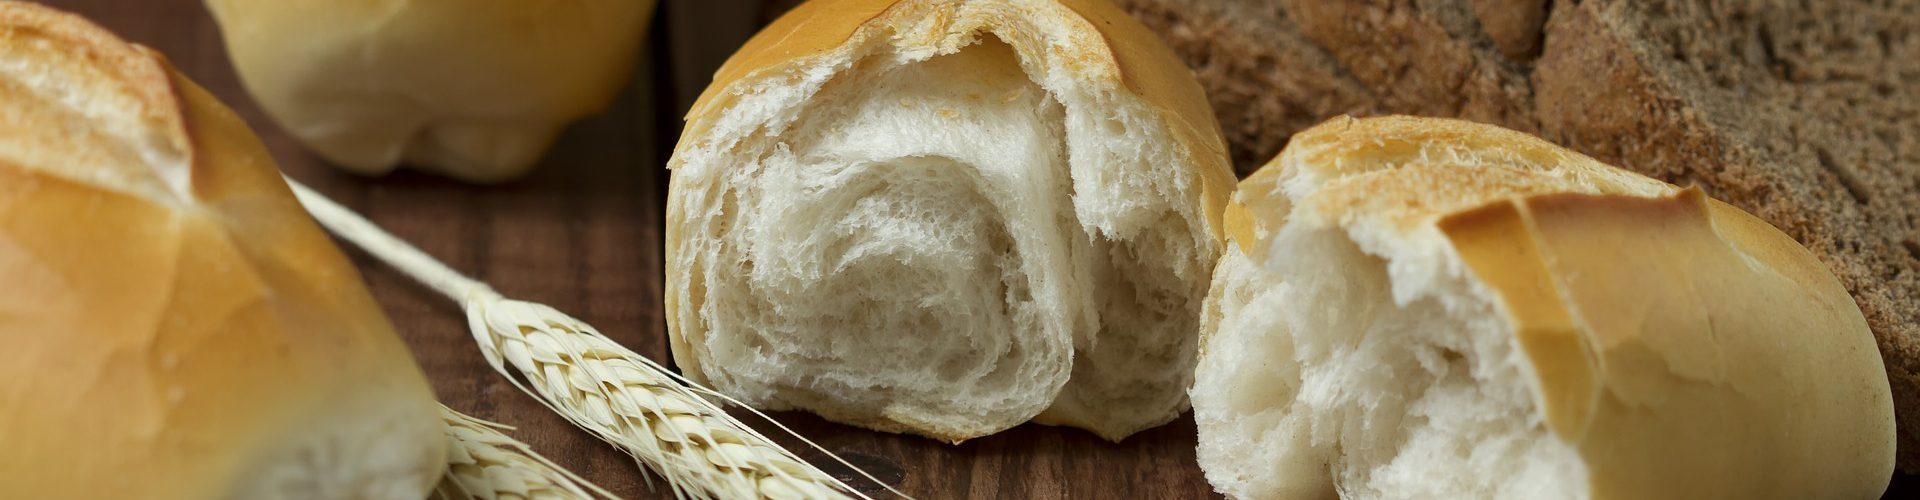 Bread History